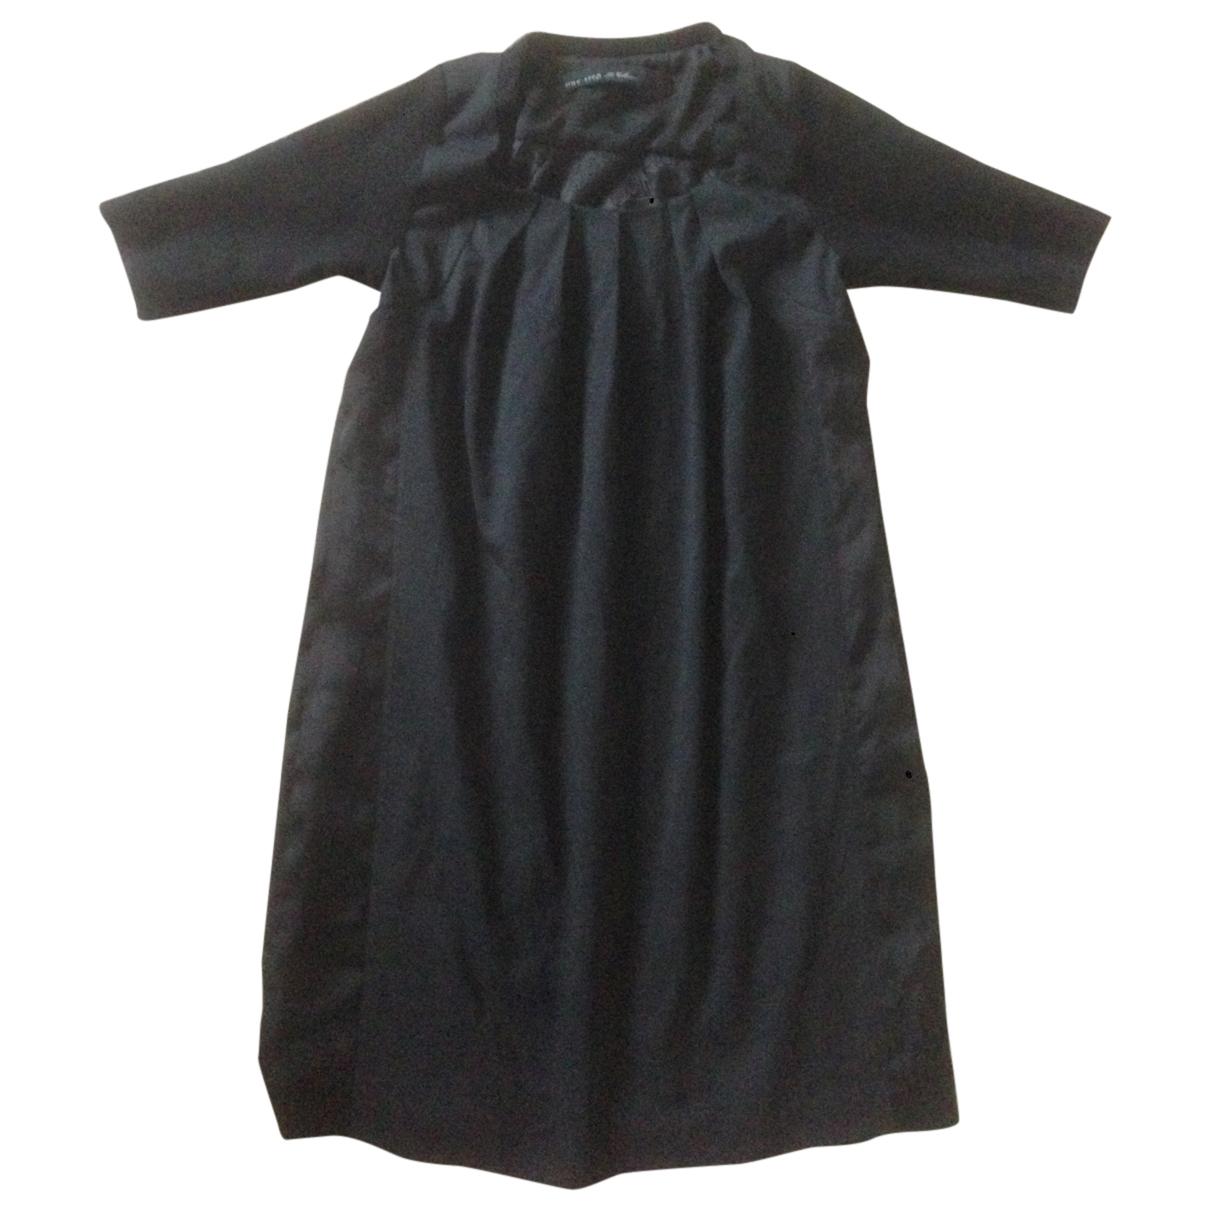 Ikks \N Kleid in  Schwarz Baumwolle